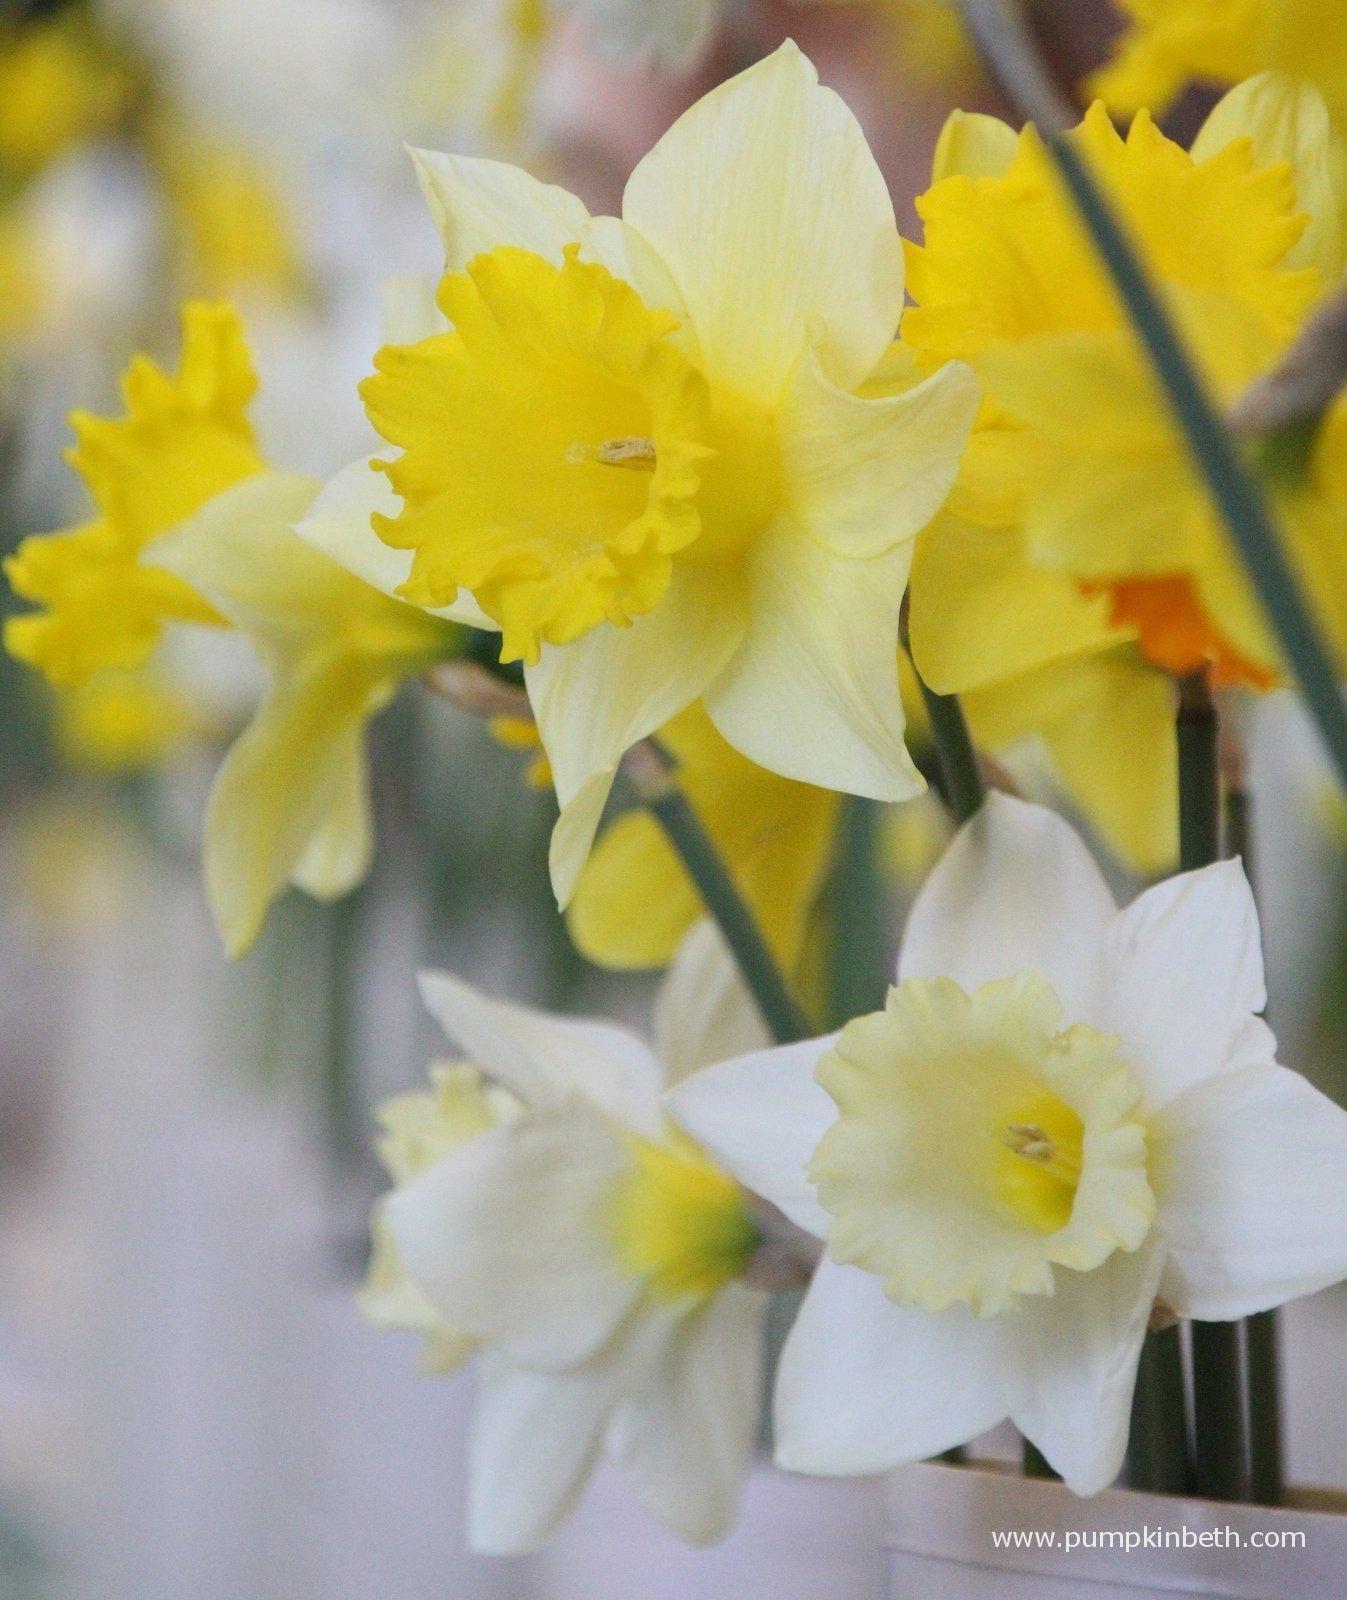 Daffodils As Cut Flowers Pumpkin Beth